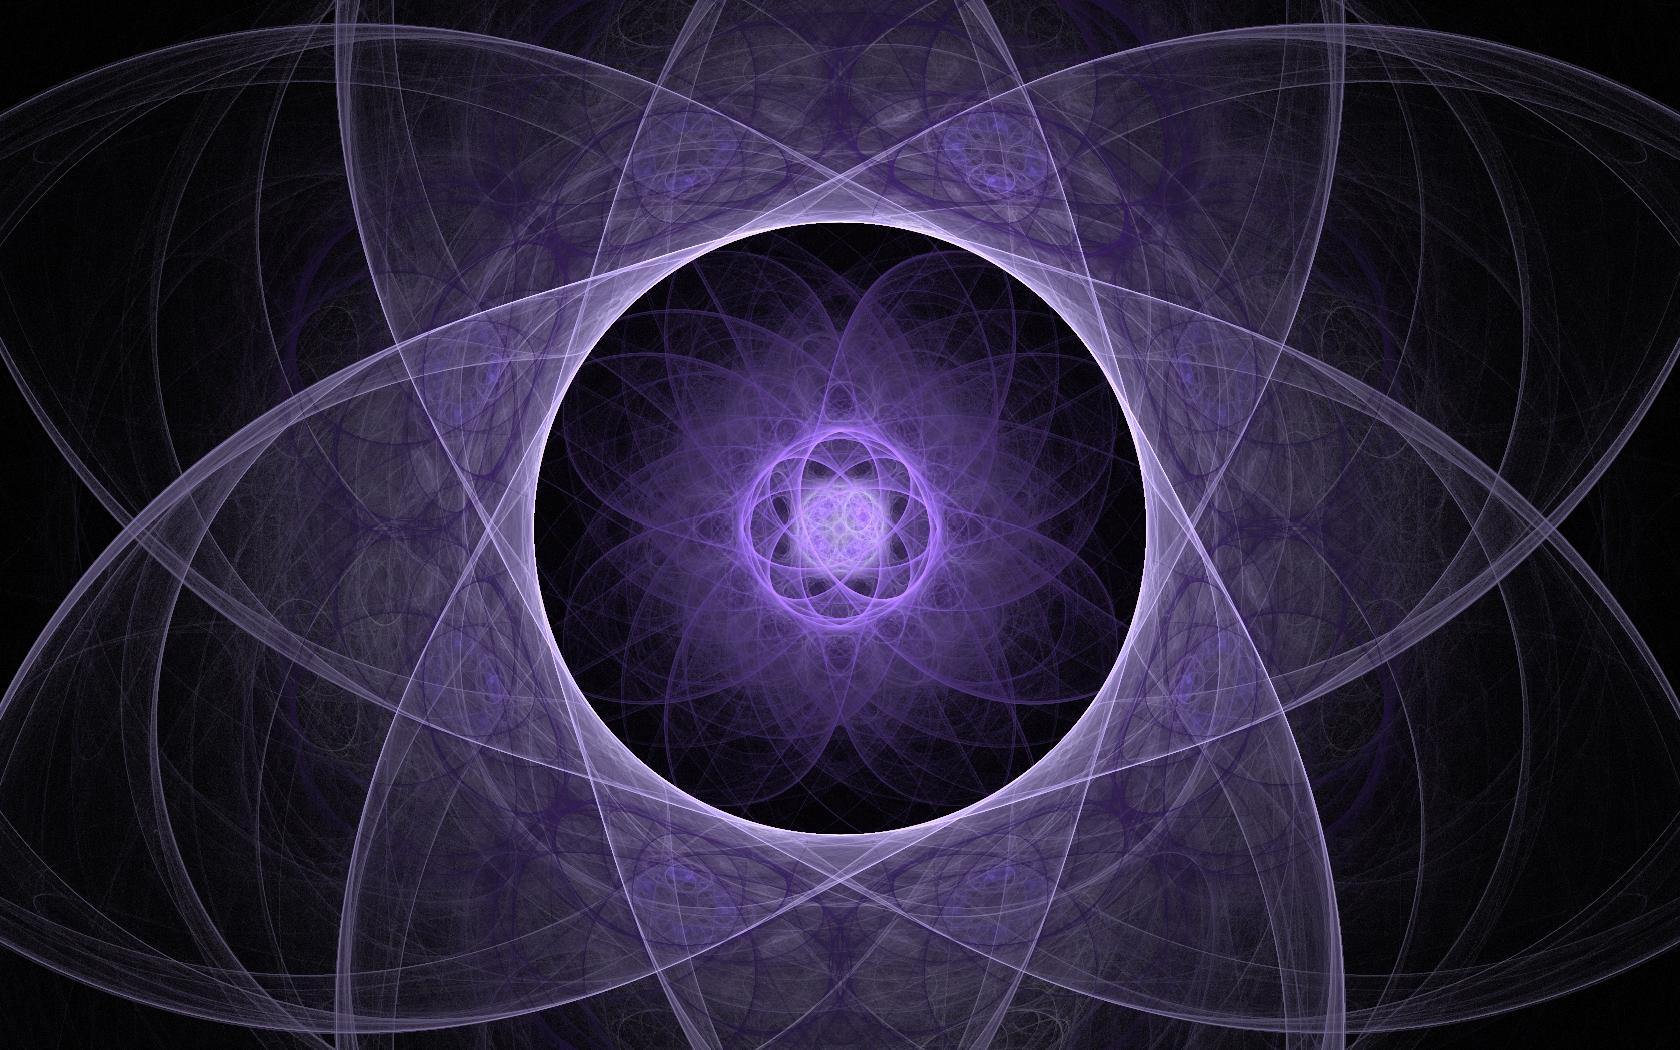 Atomic Nucleus Wallpaper Download